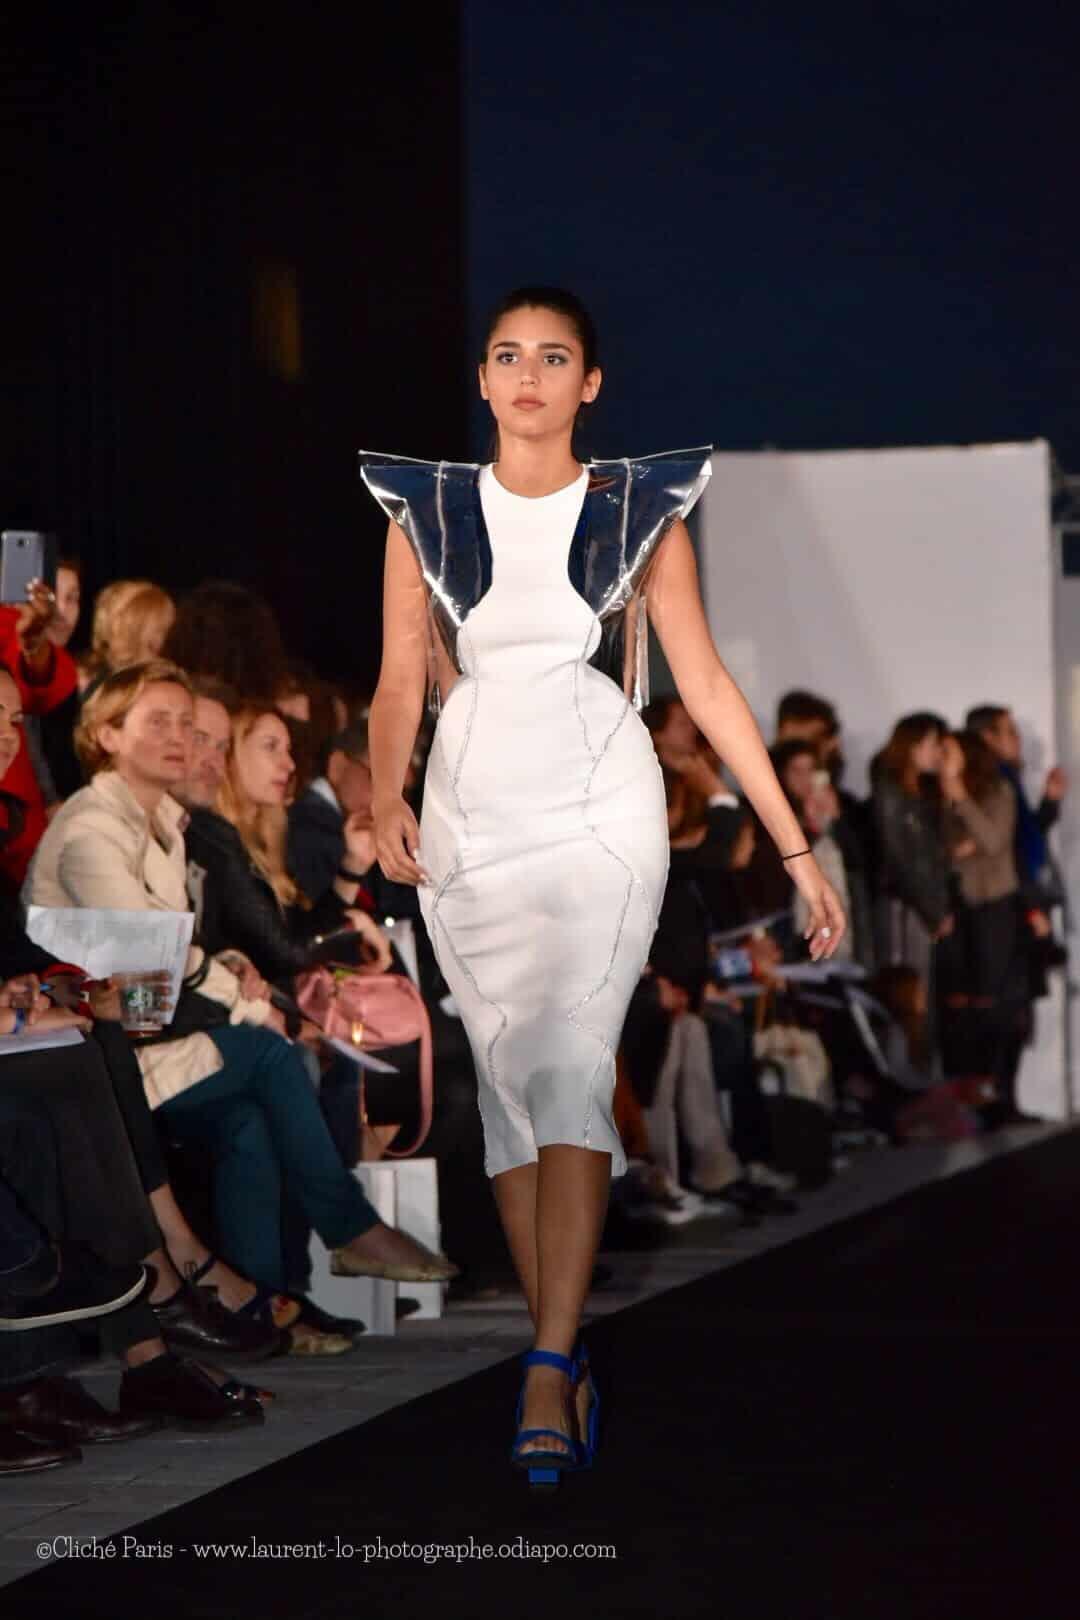 Défilé Studio Mode Paris, formation stylisme, modélisme et design textile